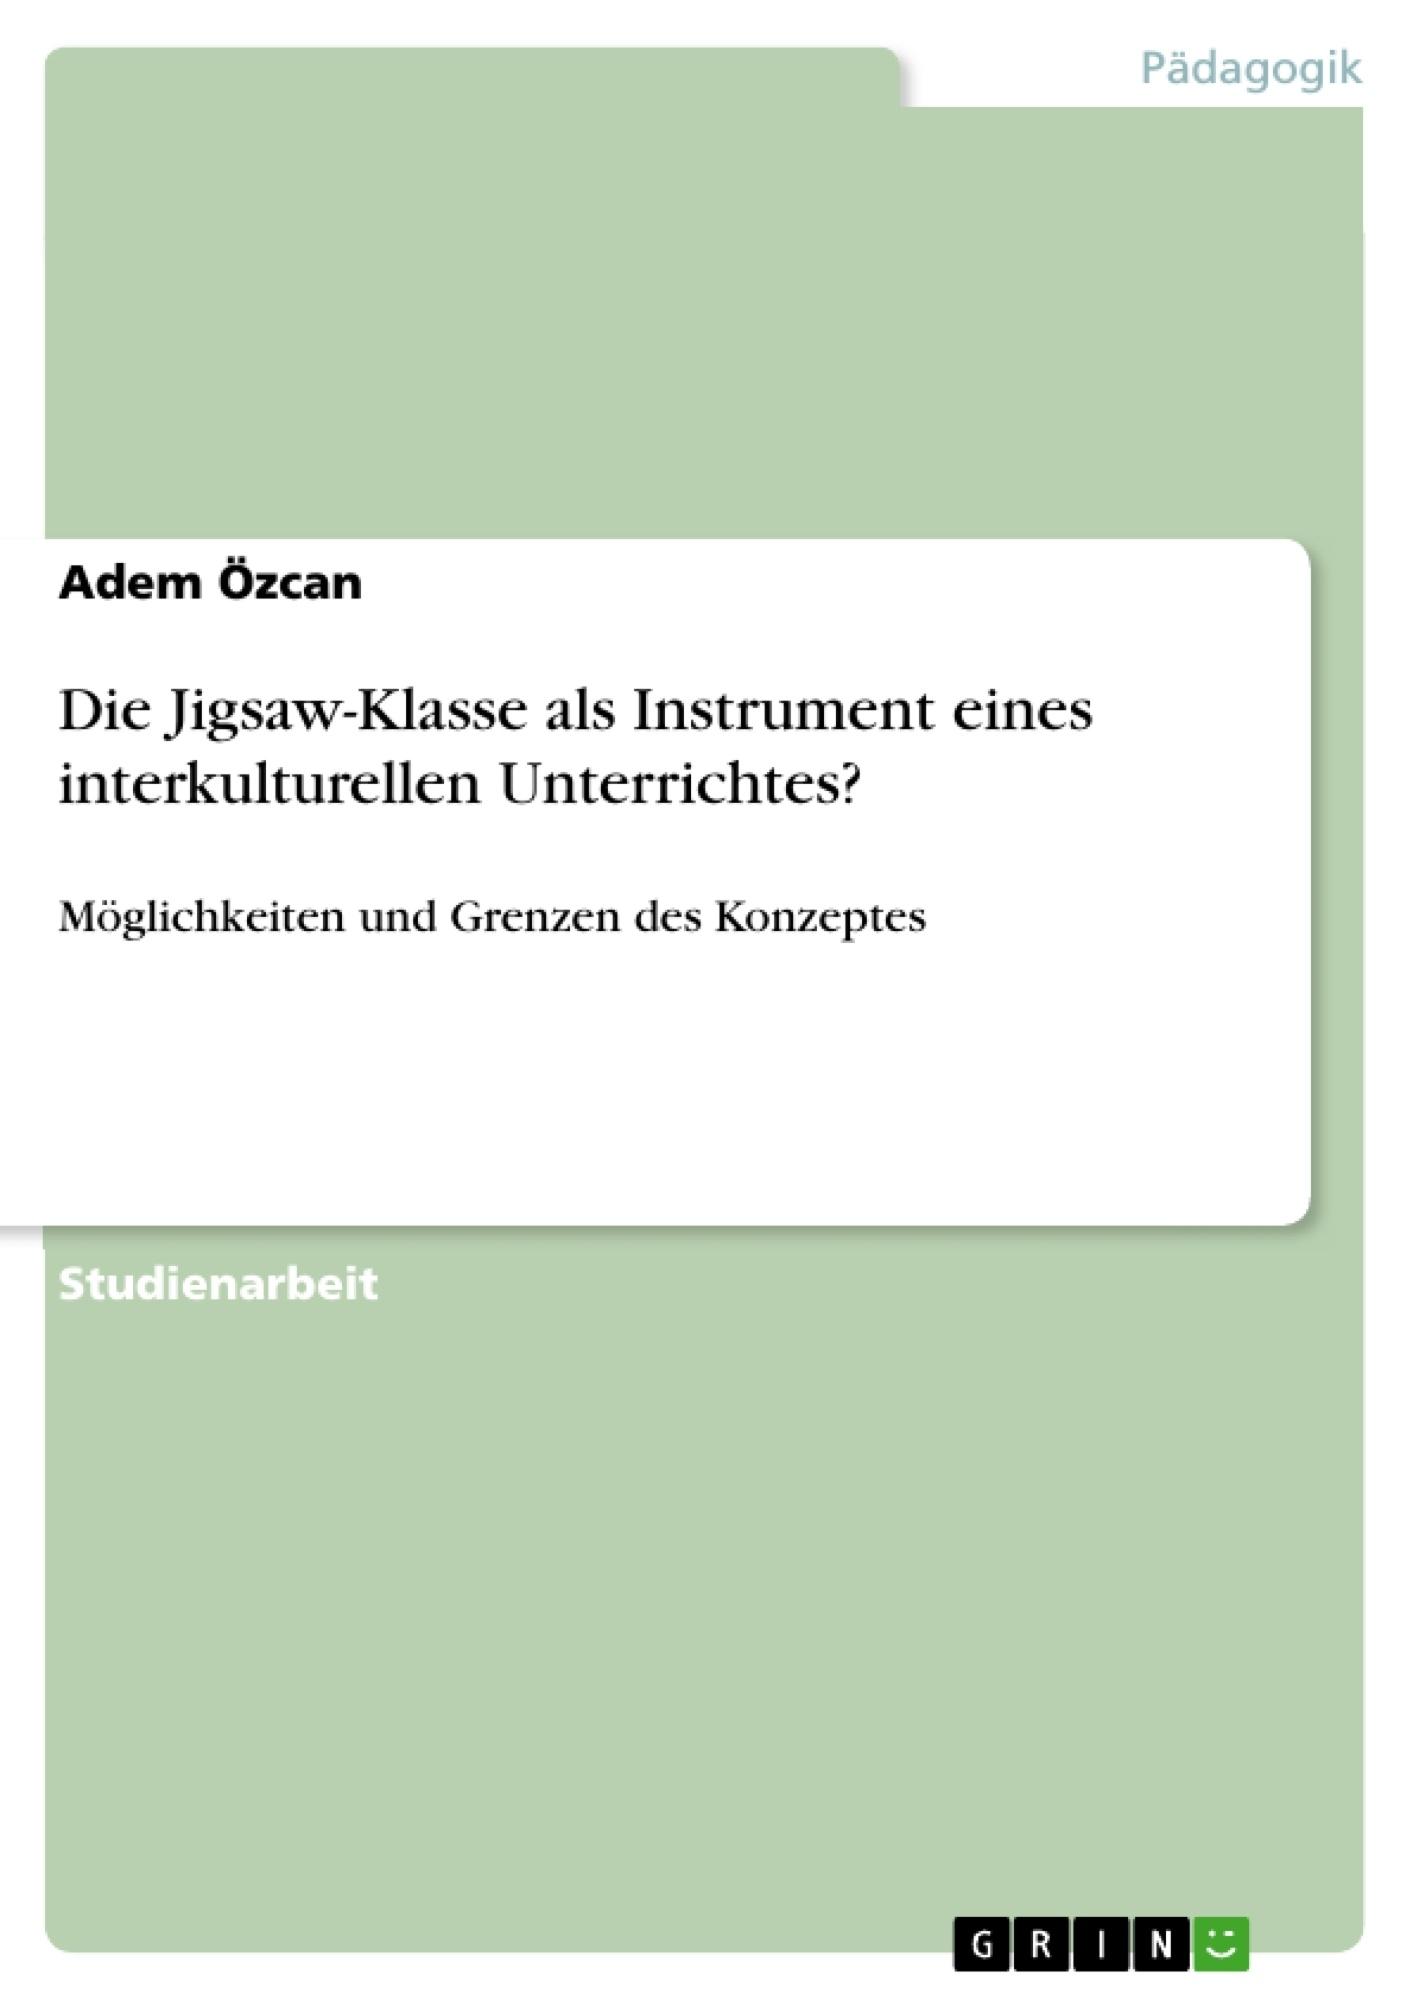 Titel: Die Jigsaw-Klasse als Instrument eines interkulturellen Unterrichtes?